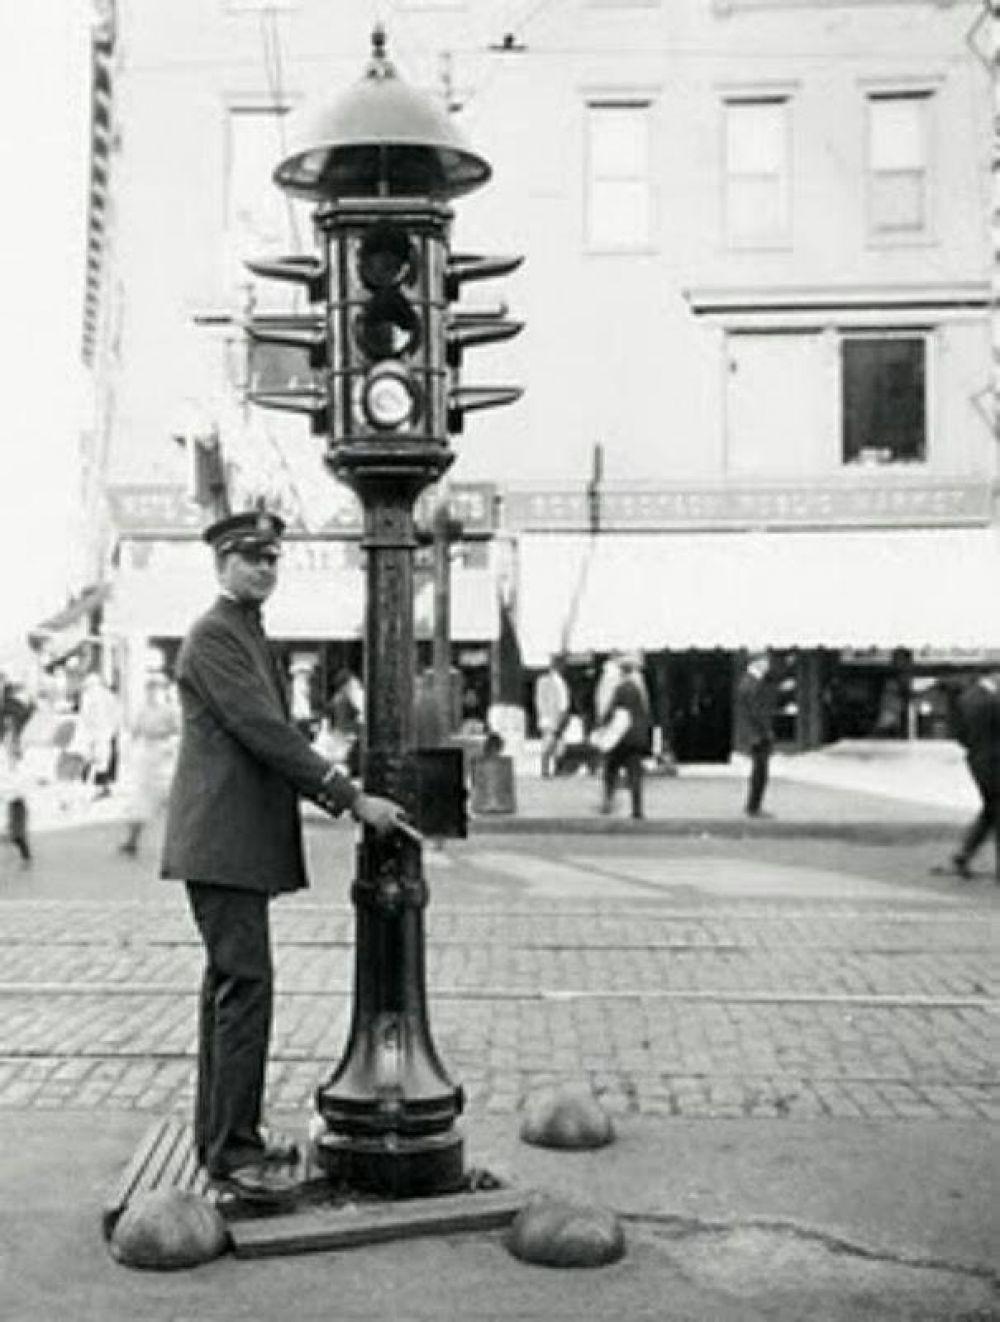 Первым придумал установить светофор на перекрестке для регулировки уличного движения лондонец Джон Пик Найт